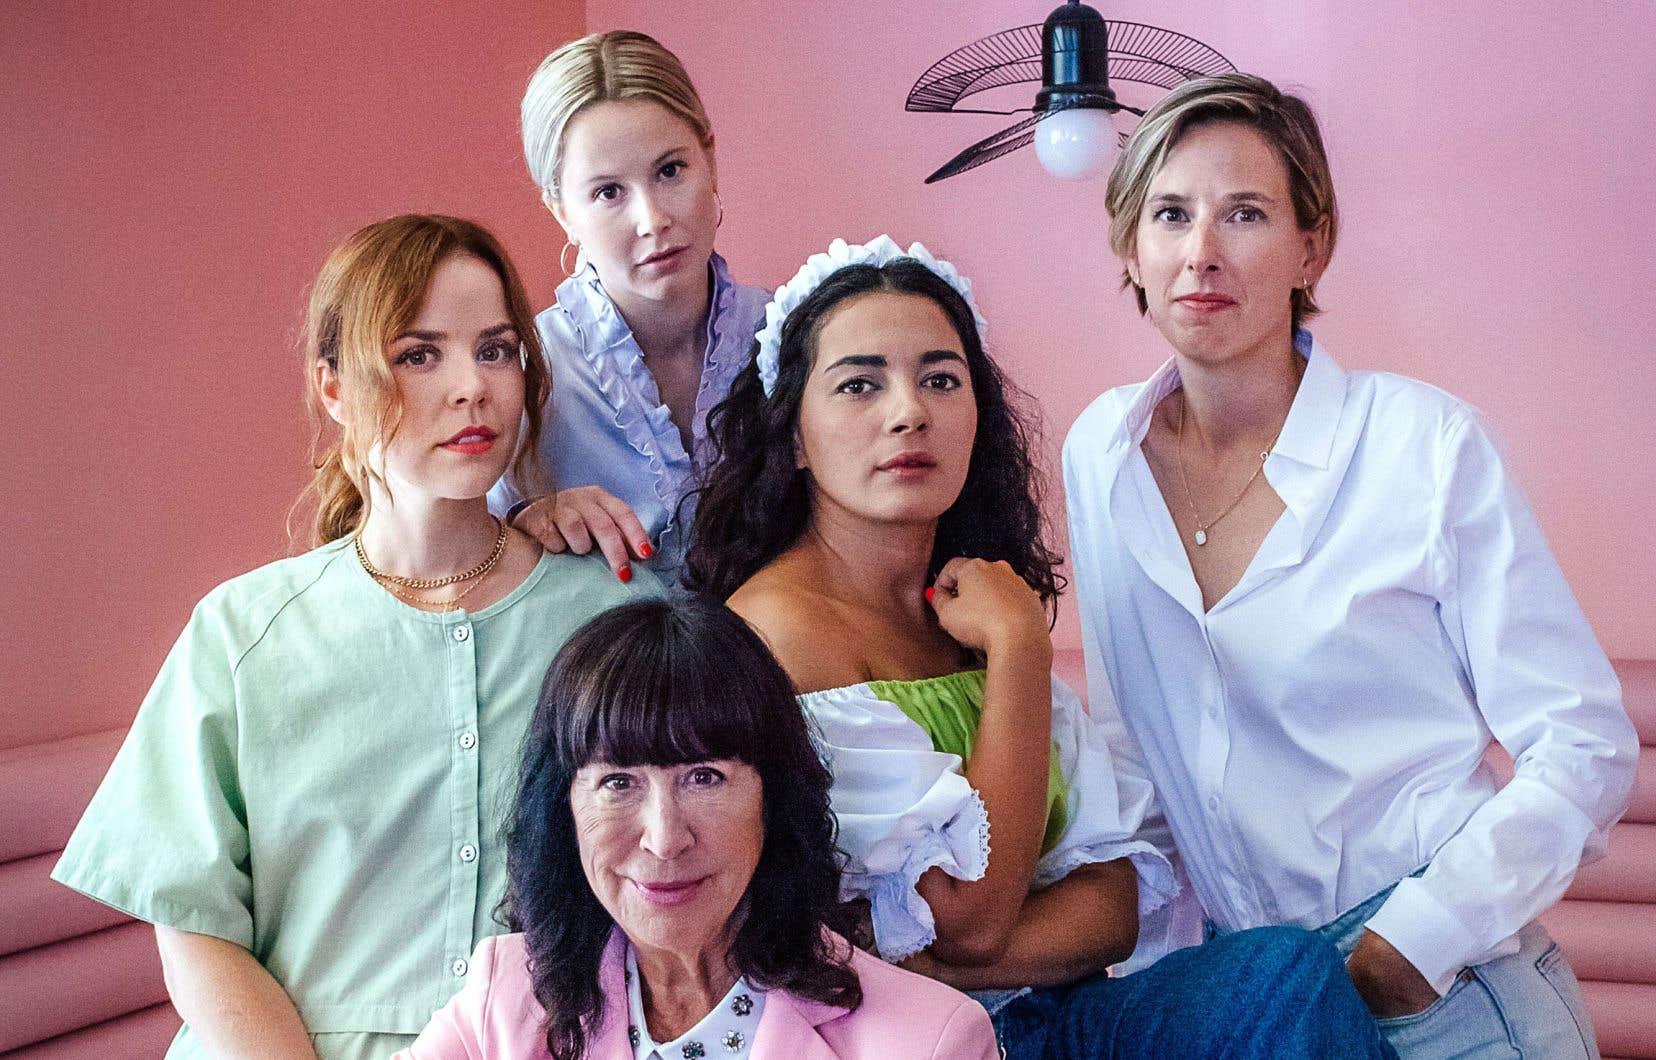 À l'avant-plan, la productrice de Fabuleuses, Nicole Robert, puis, derrière, les comédiennes Noémie O'Farrell, Juliette Gosselin, Mounia Zahzam et la réalisatrice Mélanie Charbonneau